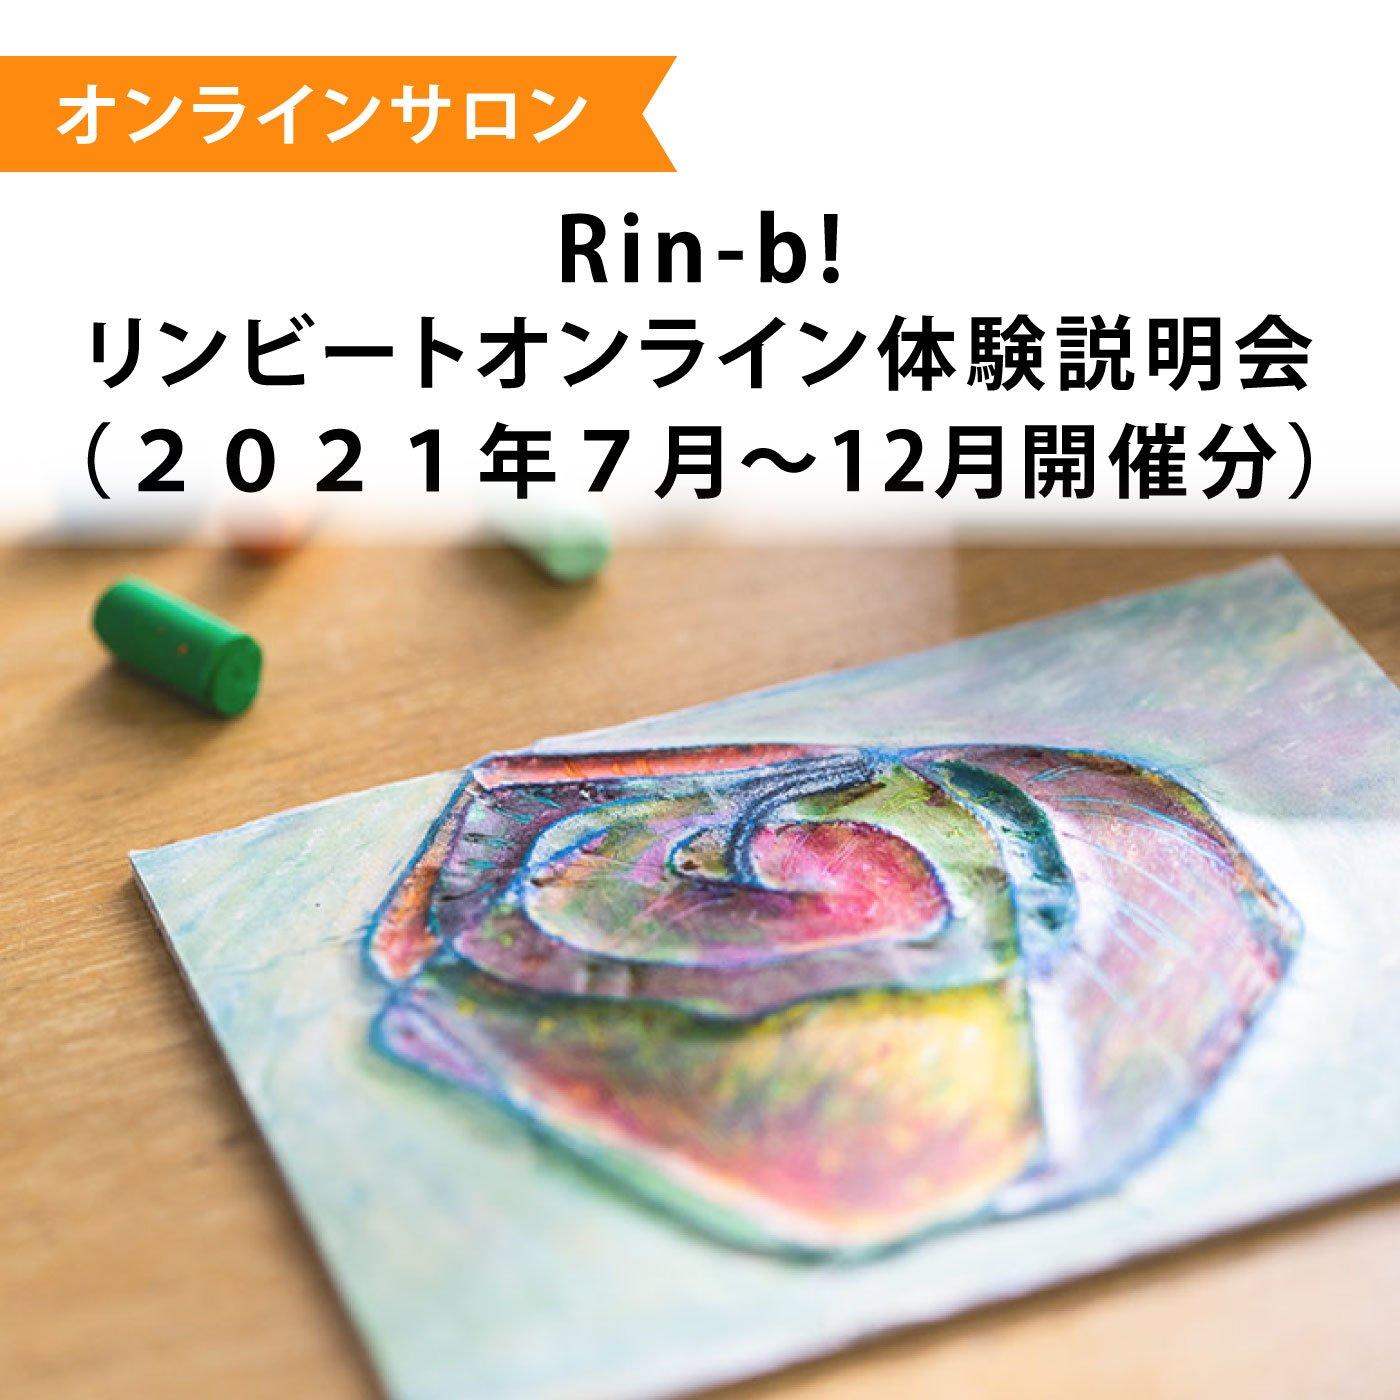 【オンラインサロン】Rin-b! リンビート オンライン体験説明会(2021年7月~12月開催分)